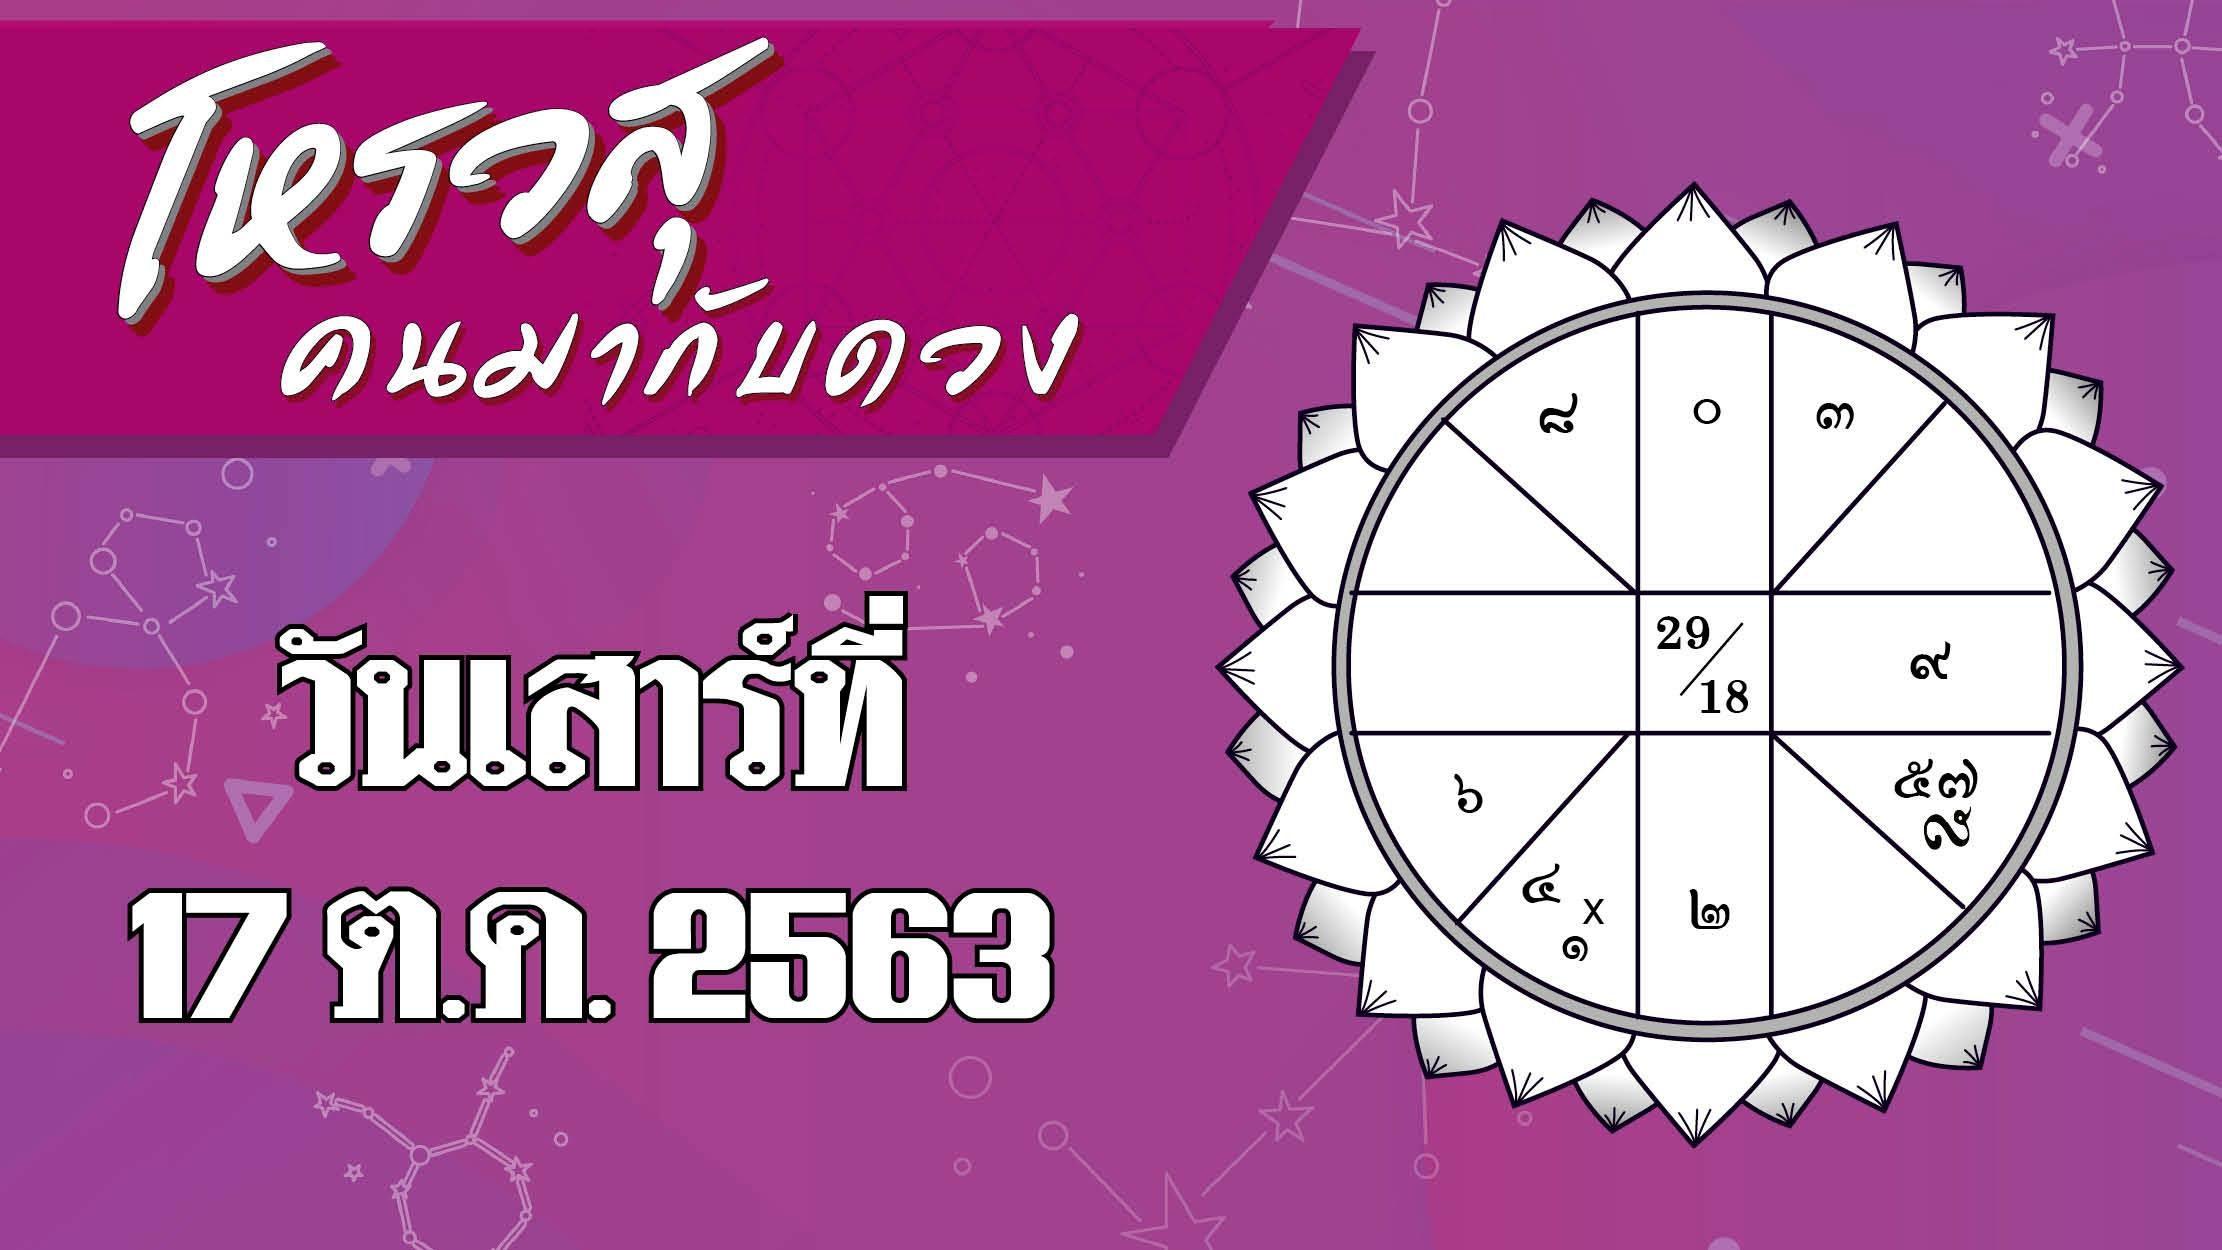 ดวงประจำประจำวันเสาร์ที่ 17 ตุลาคม 2563 ราศีใดจะมีโชคในการเดินทาง ราศีใดจะมีปัญหาทะเลาะกับคนในครอบครัว